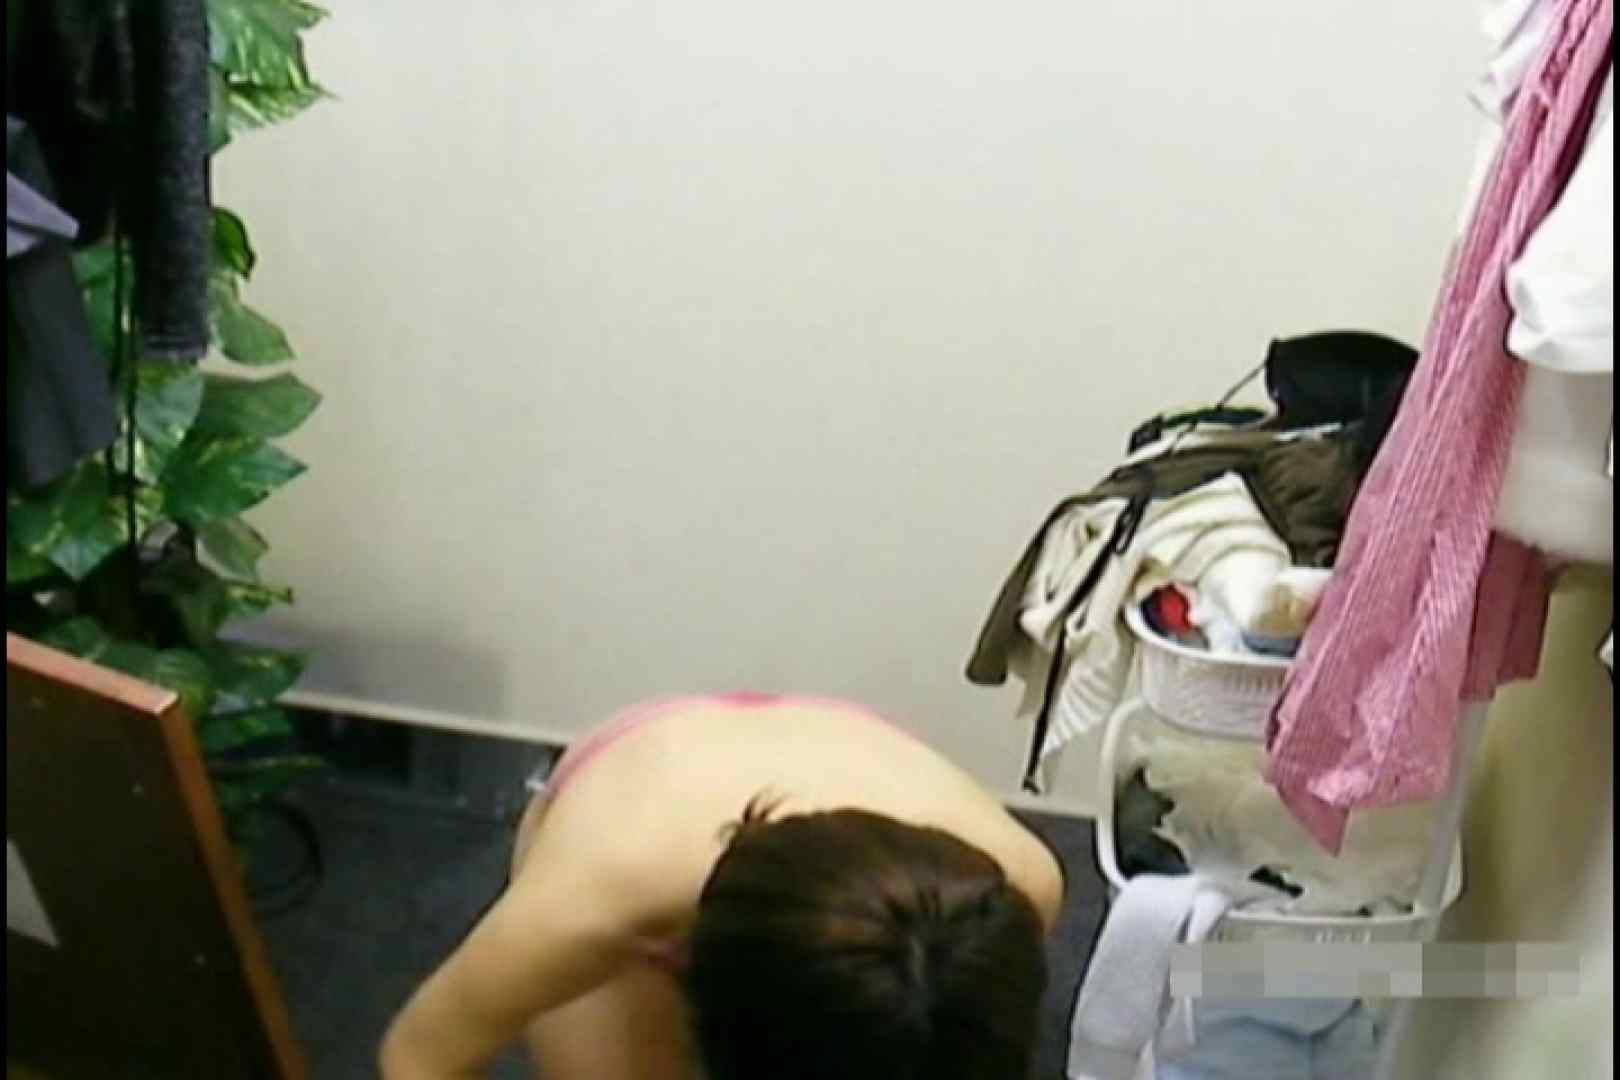 素人撮影 下着だけの撮影のはずが・・・れみ18歳 おっぱい  94連発 35